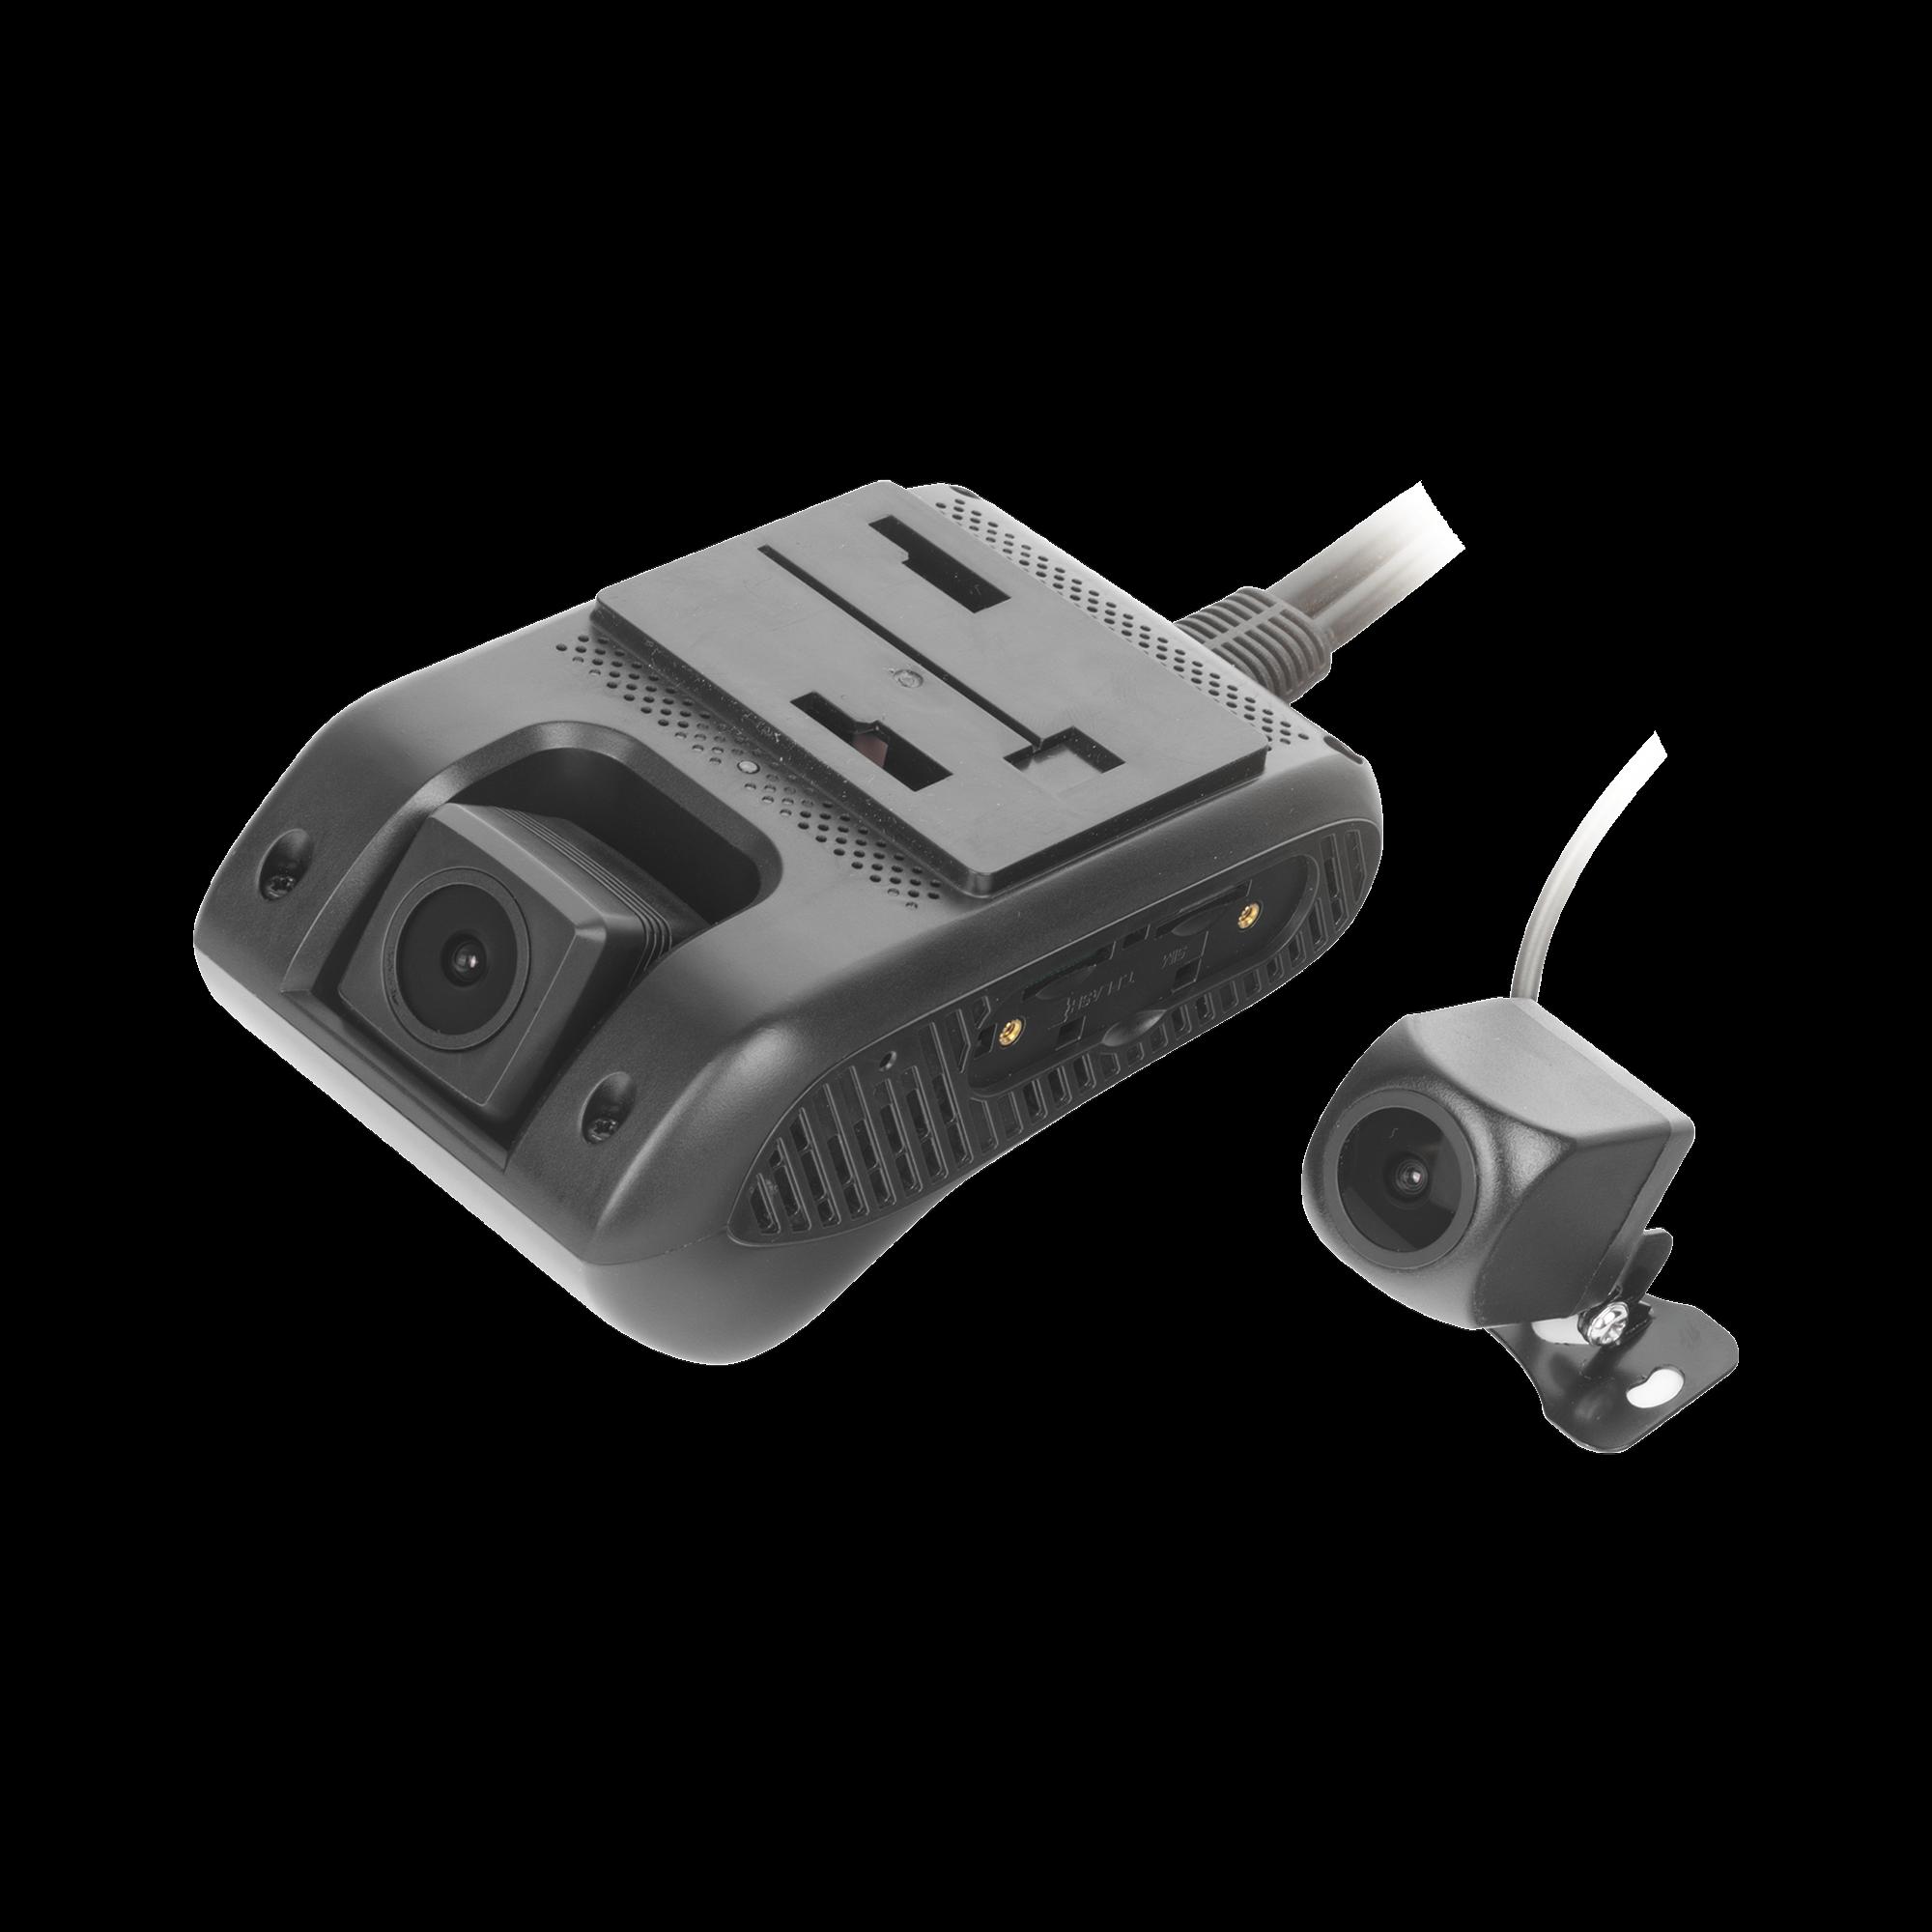 Cámara Dual 4G+WIFI, 1080P, Botón de Pánico, Acceso a Memoria SD Protegido, Acelerómetro Android, I/O